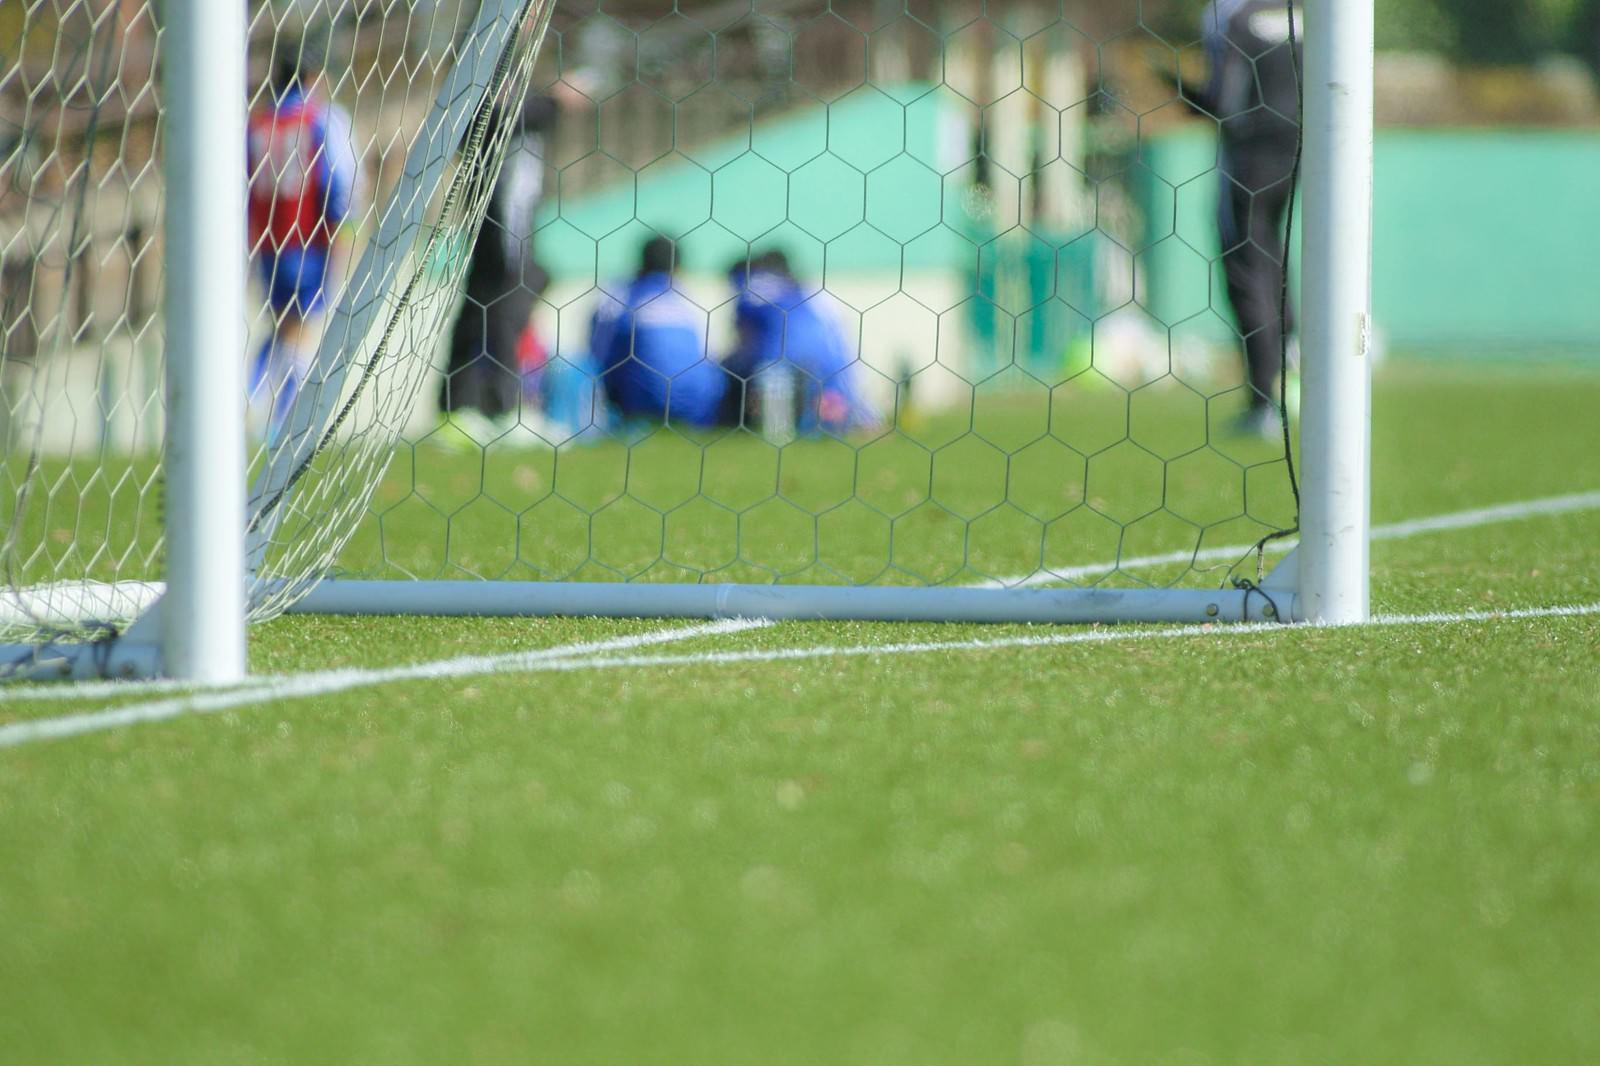 「ZONE-ゴールまで後少し-サッカー」の写真